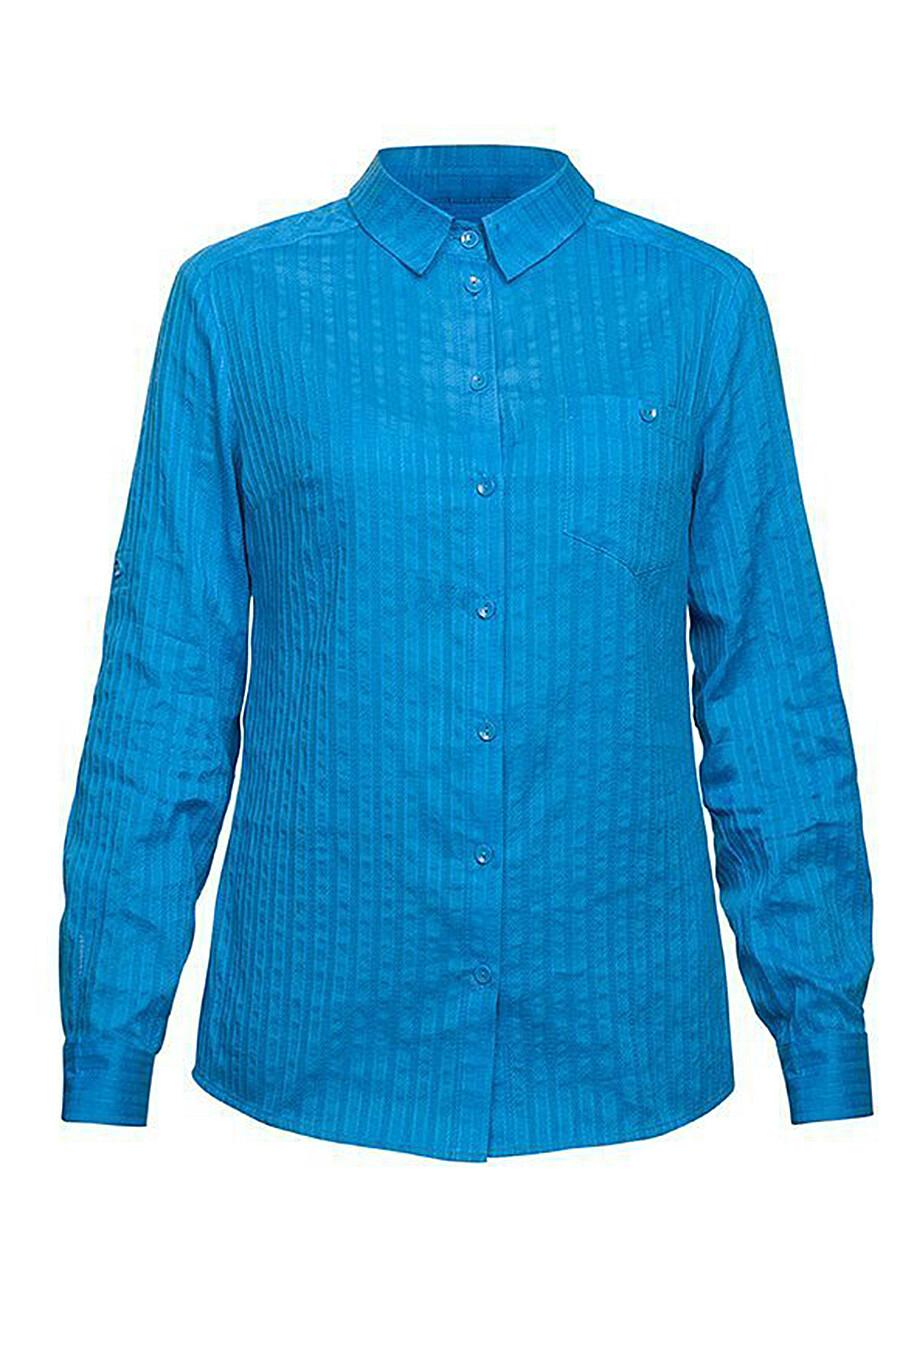 Блузка для женщин PELICAN 107525 купить оптом от производителя. Совместная покупка женской одежды в OptMoyo